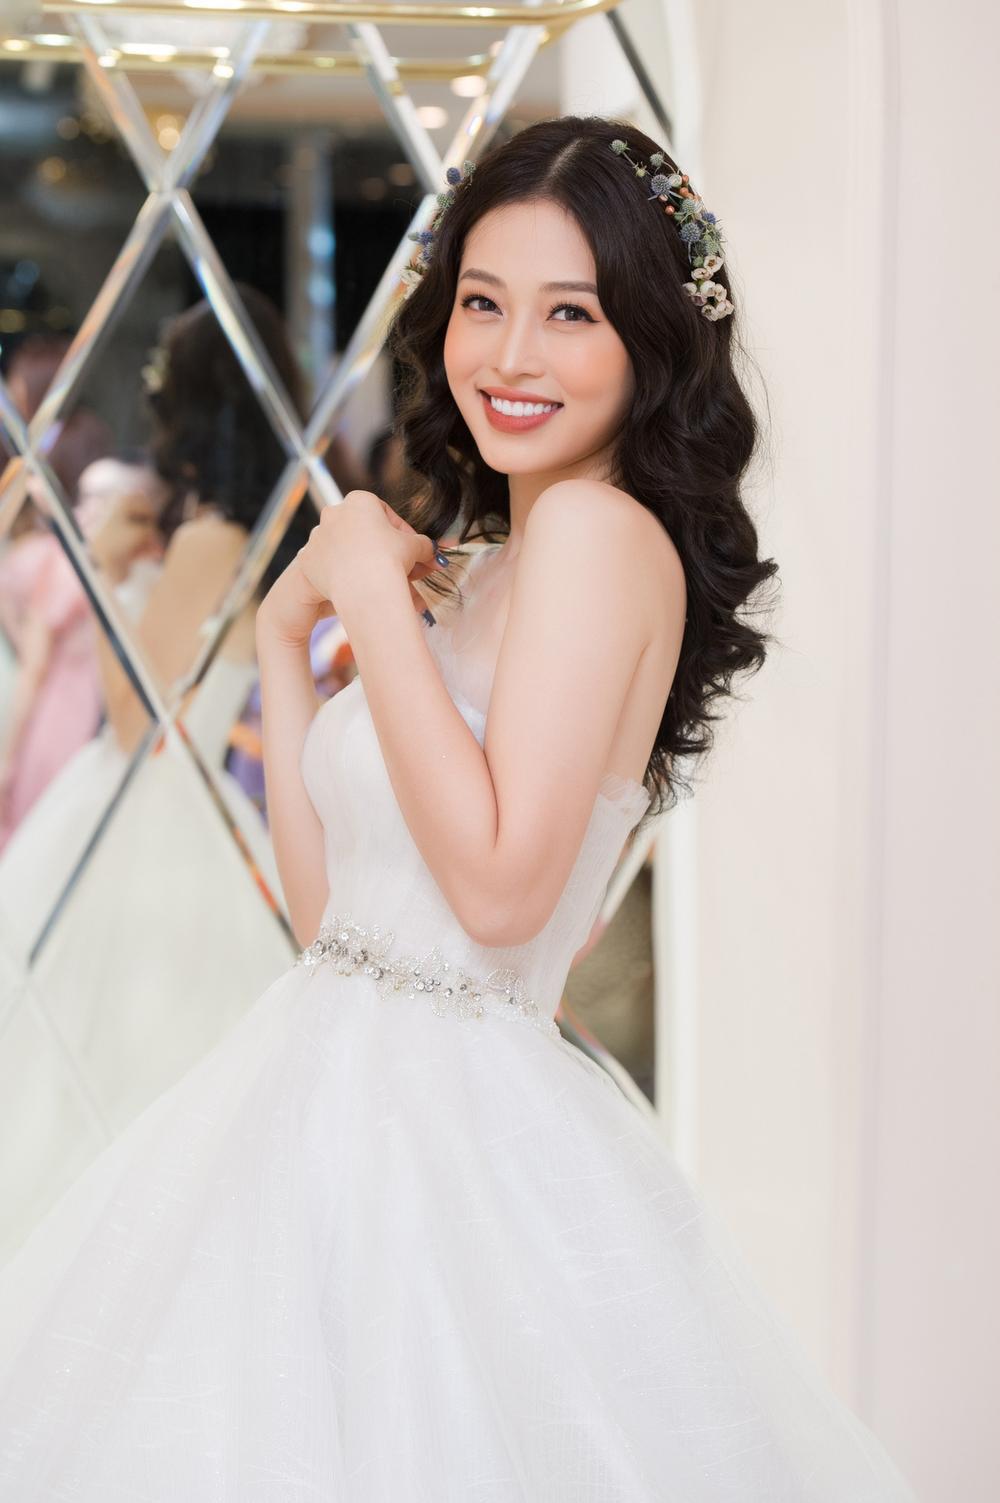 Phương Nga diện váy cưới xinh hết nấc, fan thi nhau chúc mừng chờ đón đám cưới cùng Bình An Ảnh 4